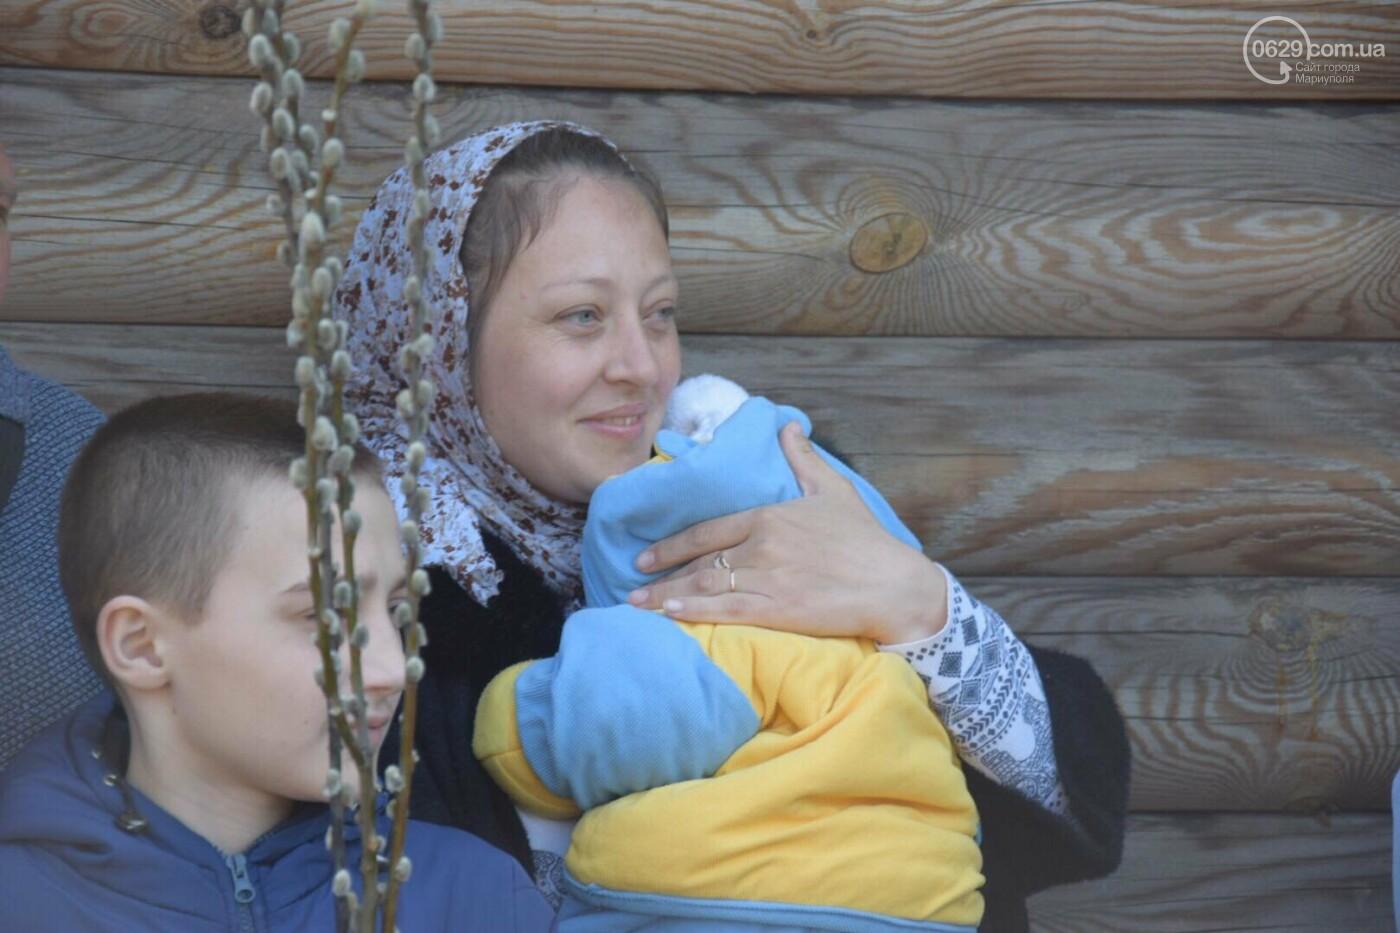 Выборы и верба: как Мариуполь празднует православный праздник, - ФОТОРЕПОРТАЖ, фото-17